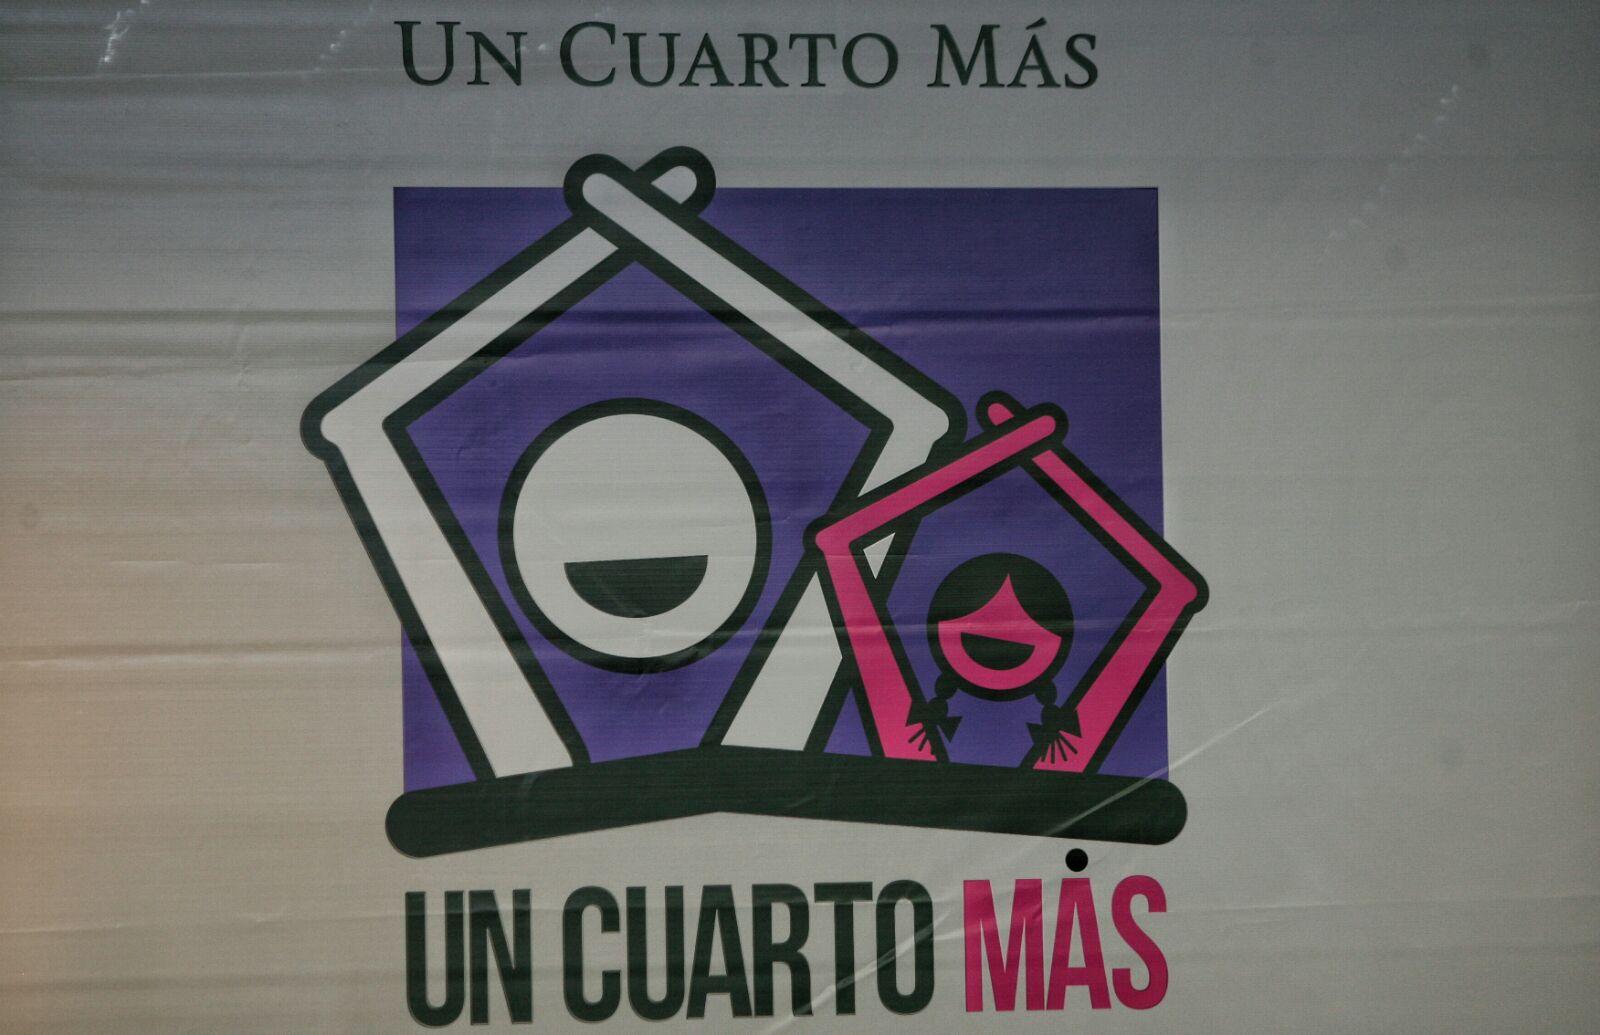 Presentaci n de la estrategia un cuarto m s fondo for Cuarto mas empresa